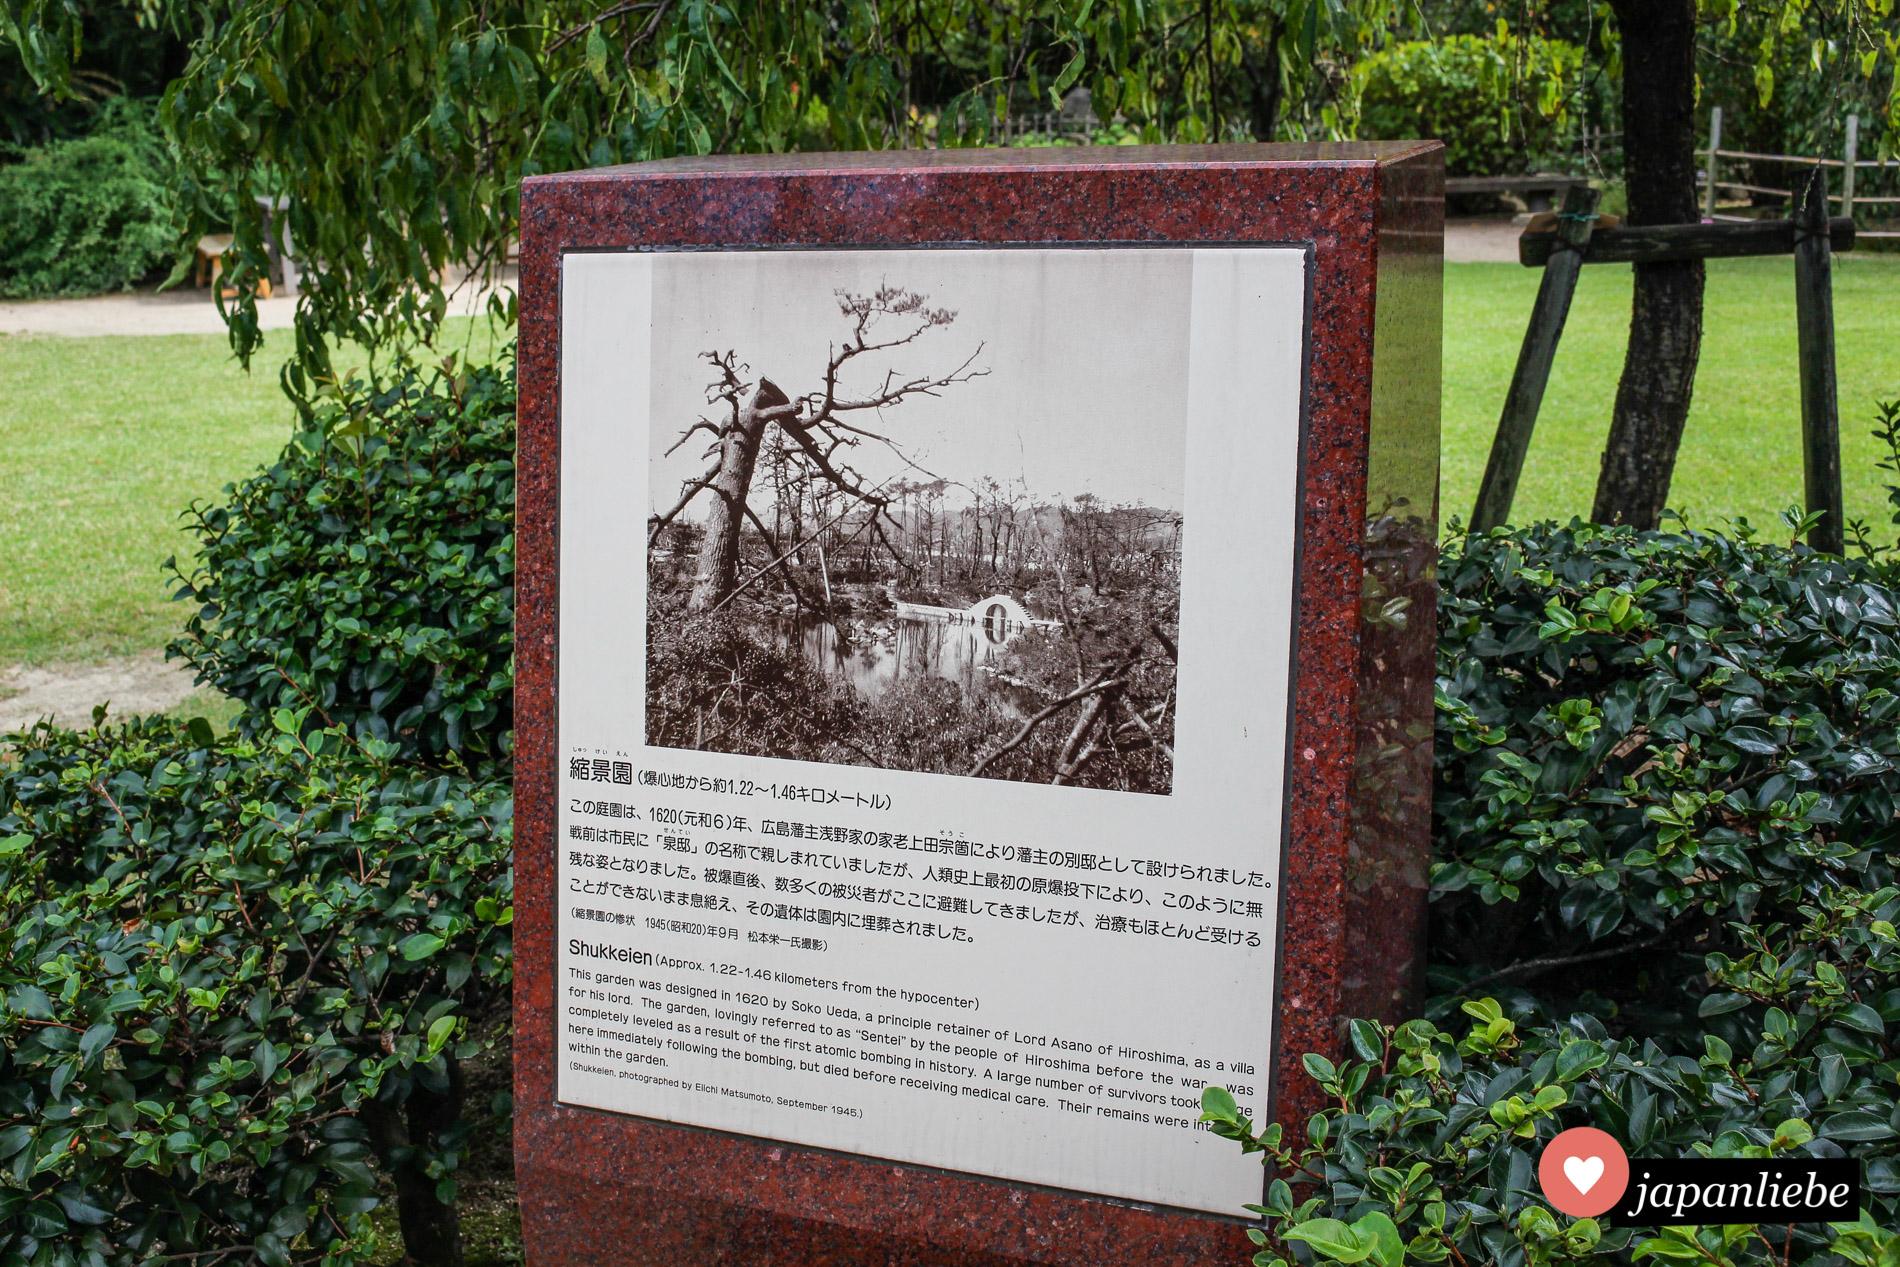 Eine Bildtafel im Shukkei-en zeigt wie der Garten direkt nach dem Abwurf der Atombombe 1945 aussah.